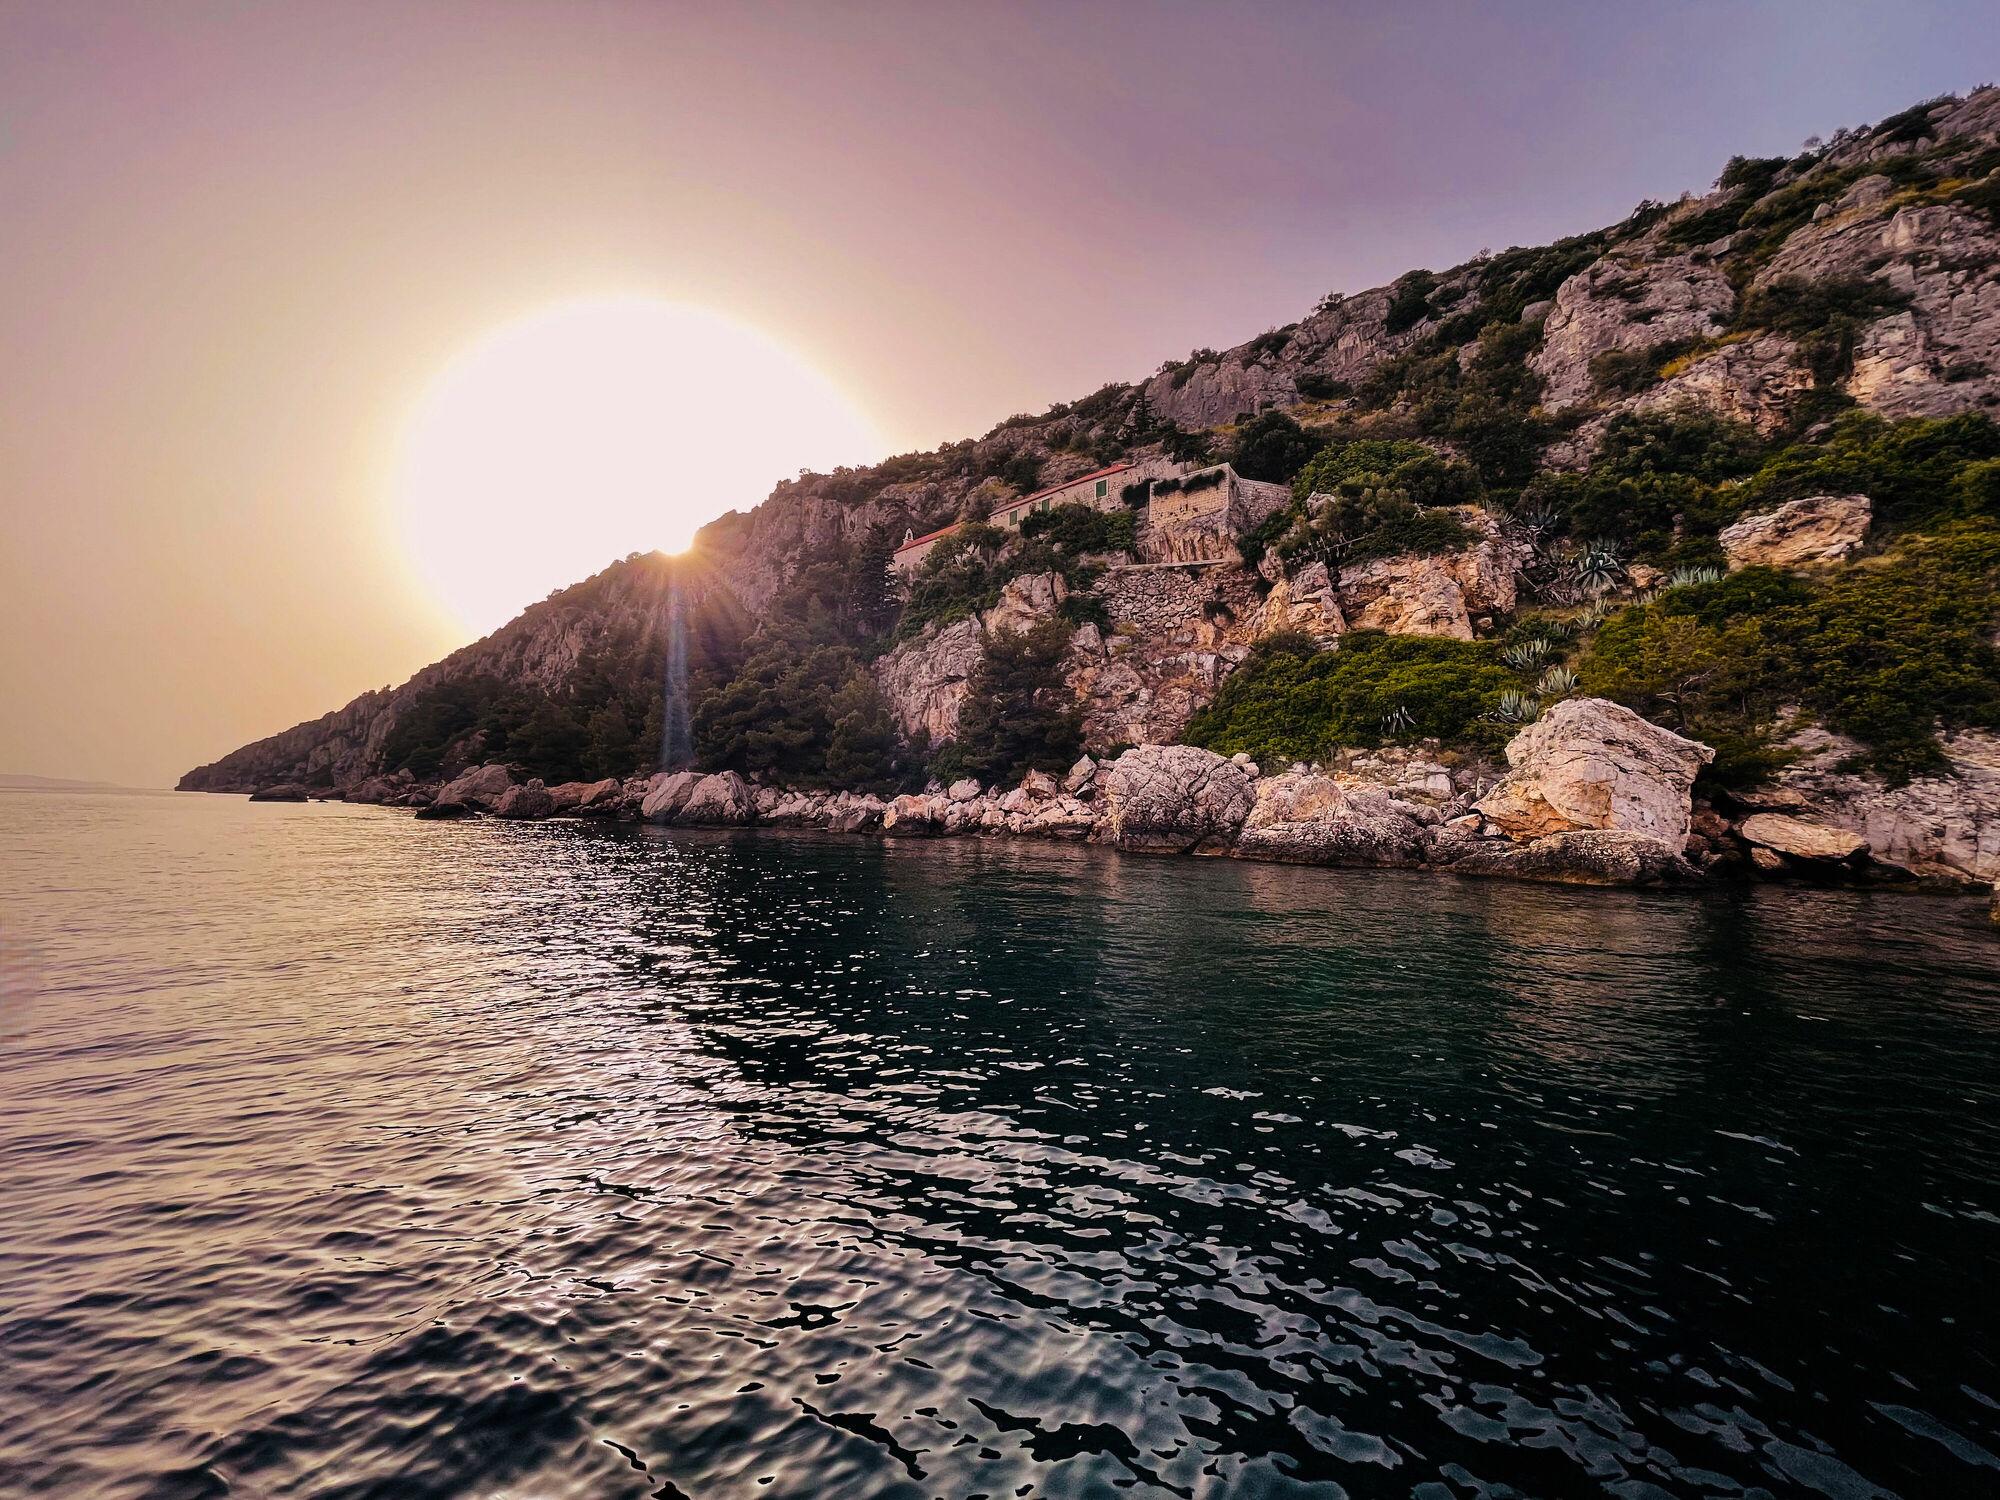 Bild mit Meere, Sonnenuntergang, Meerblick, Insel, Ferien, Ocean, Farbenspiel, sea, Holiday, kroatien